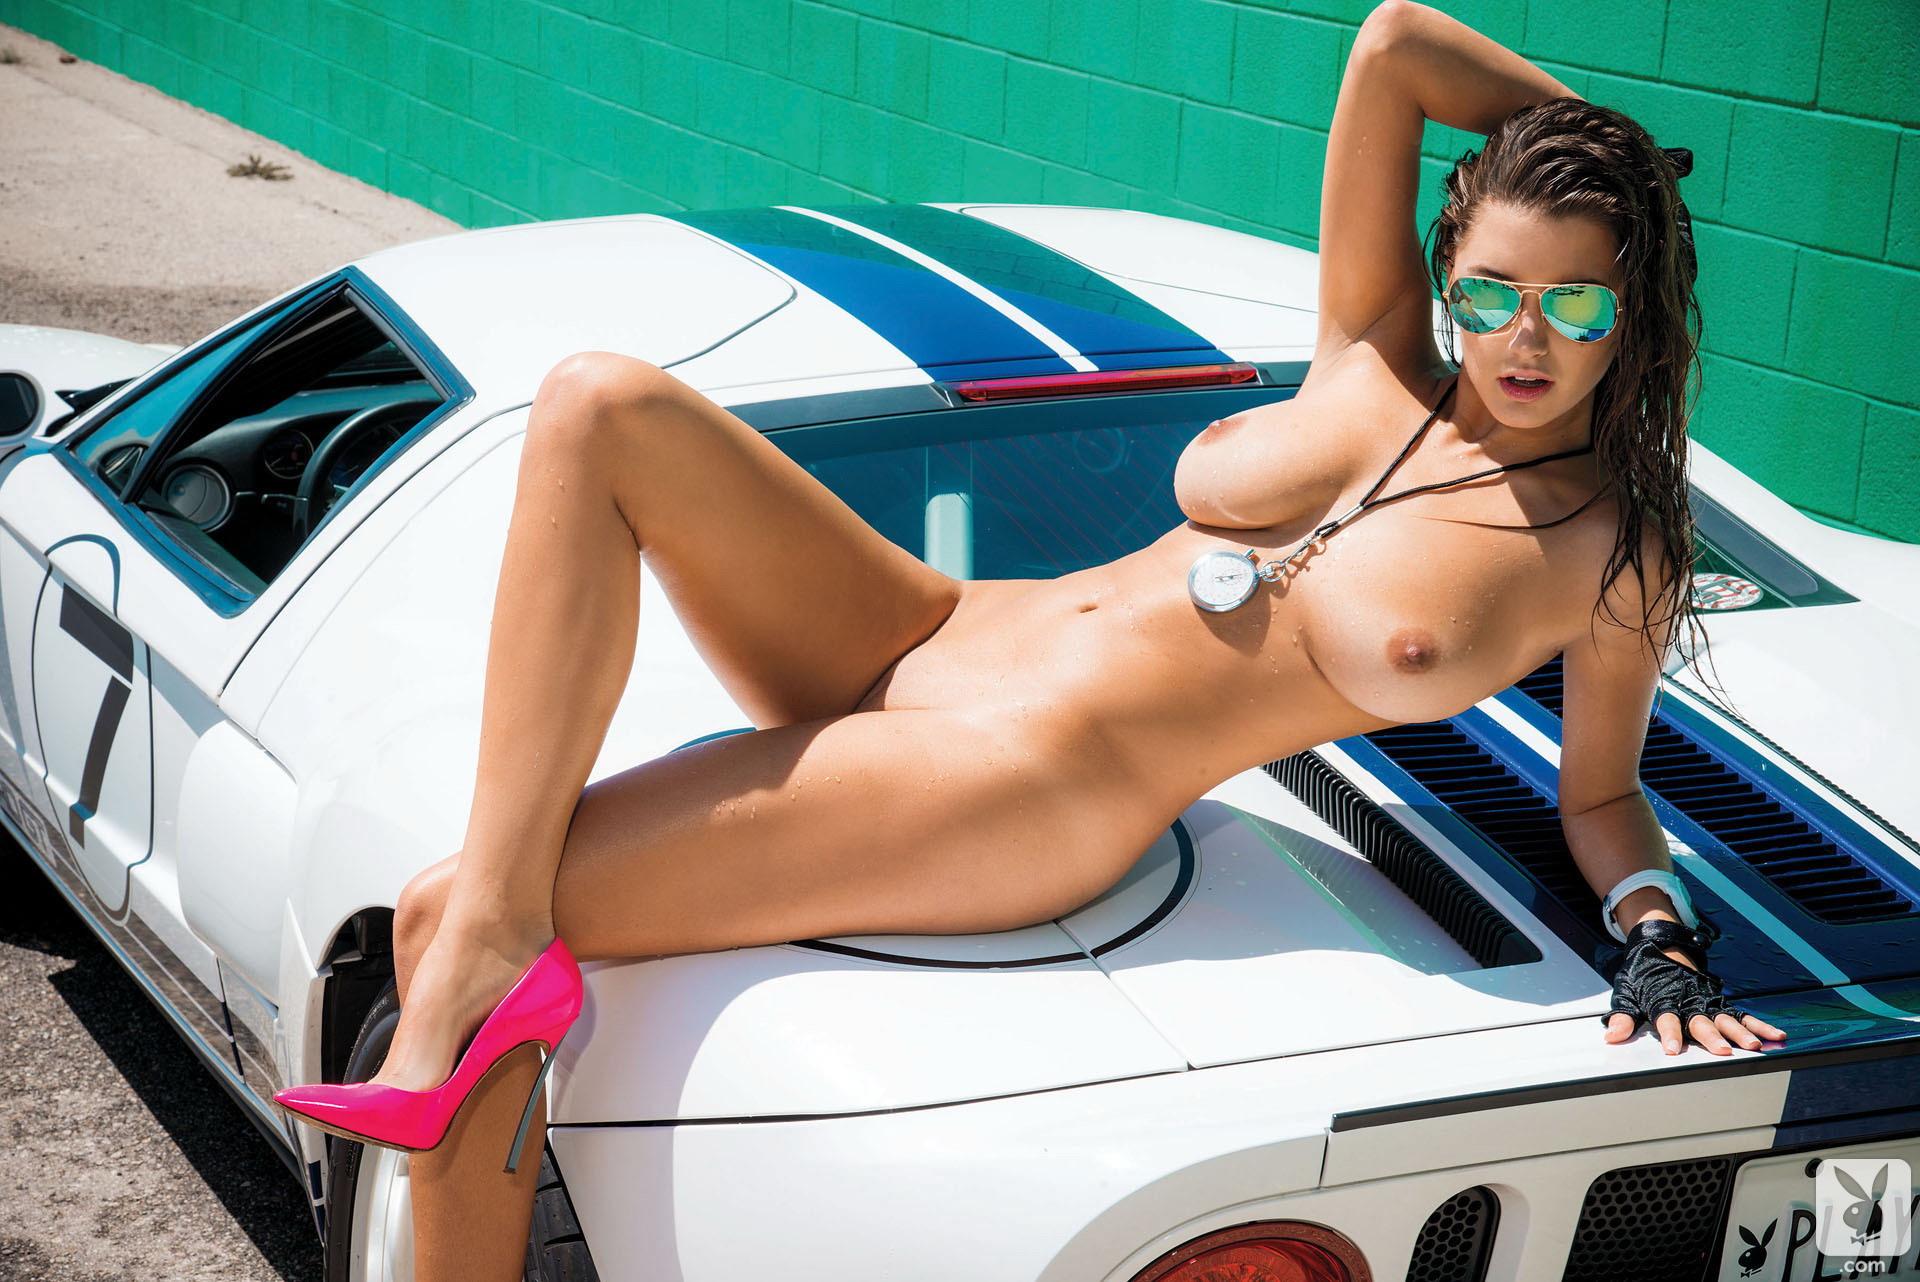 Фото обнажённые девушки и авто 11 фотография